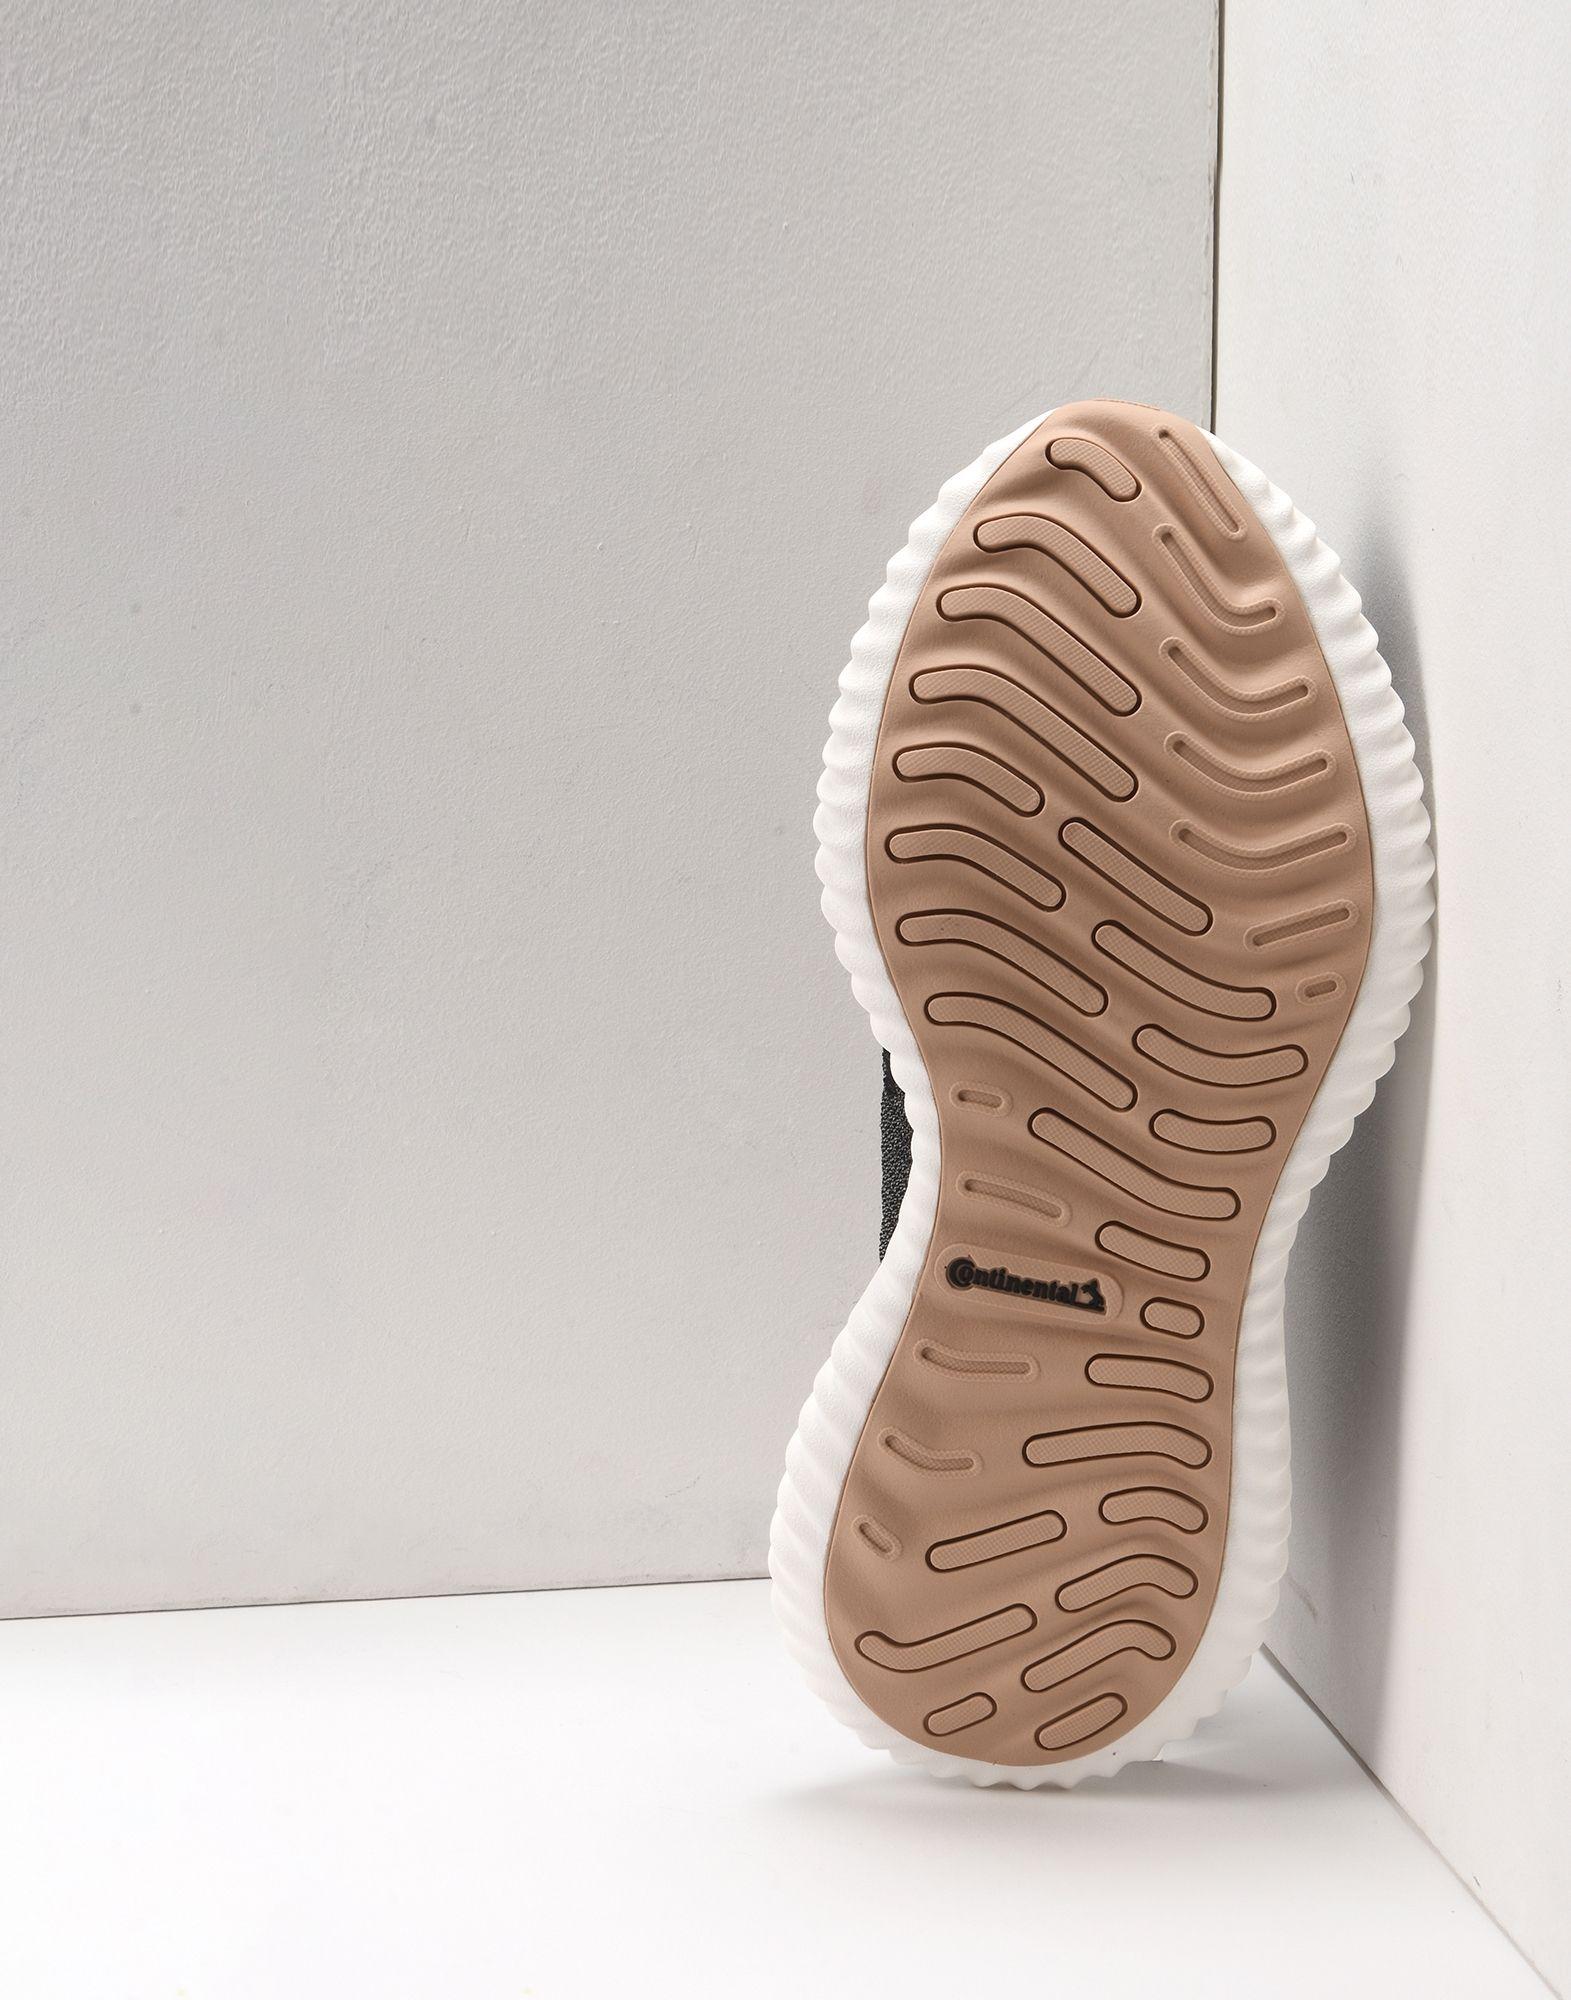 Adidas 11540509WR Alphabounce Beyond W  11540509WR Adidas Gute Qualität beliebte Schuhe 126fd2